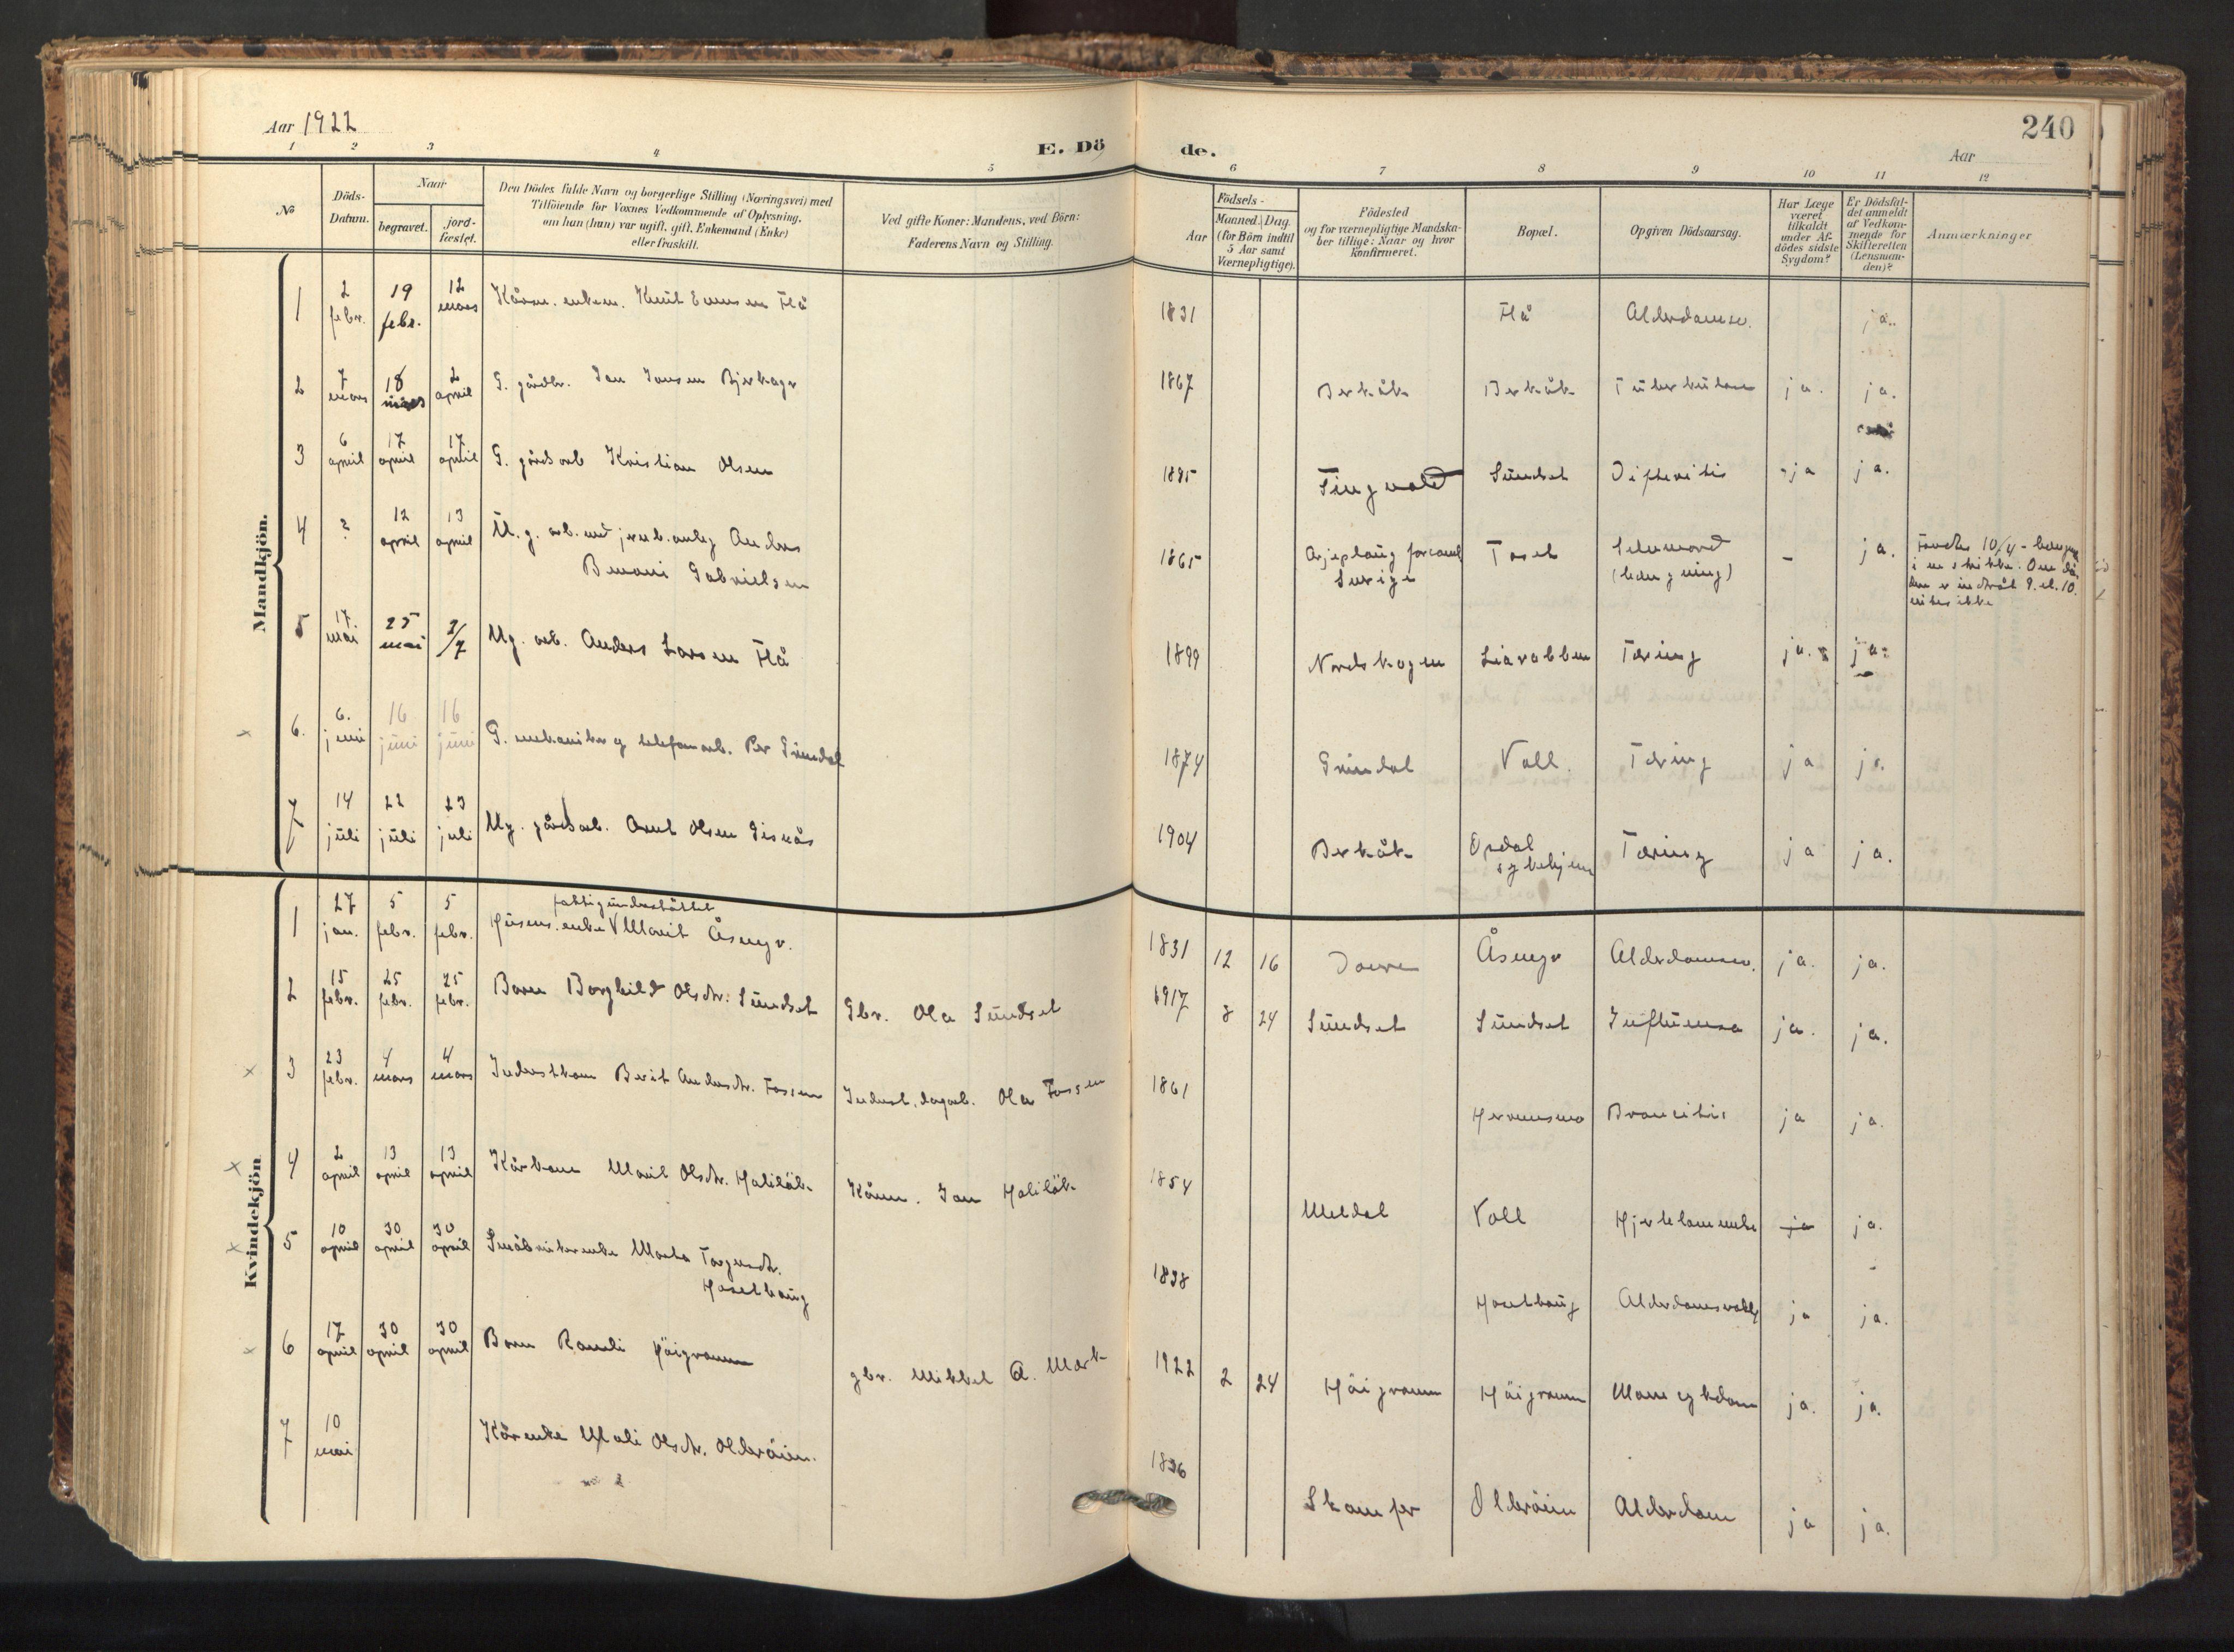 SAT, Ministerialprotokoller, klokkerbøker og fødselsregistre - Sør-Trøndelag, 674/L0873: Ministerialbok nr. 674A05, 1908-1923, s. 240